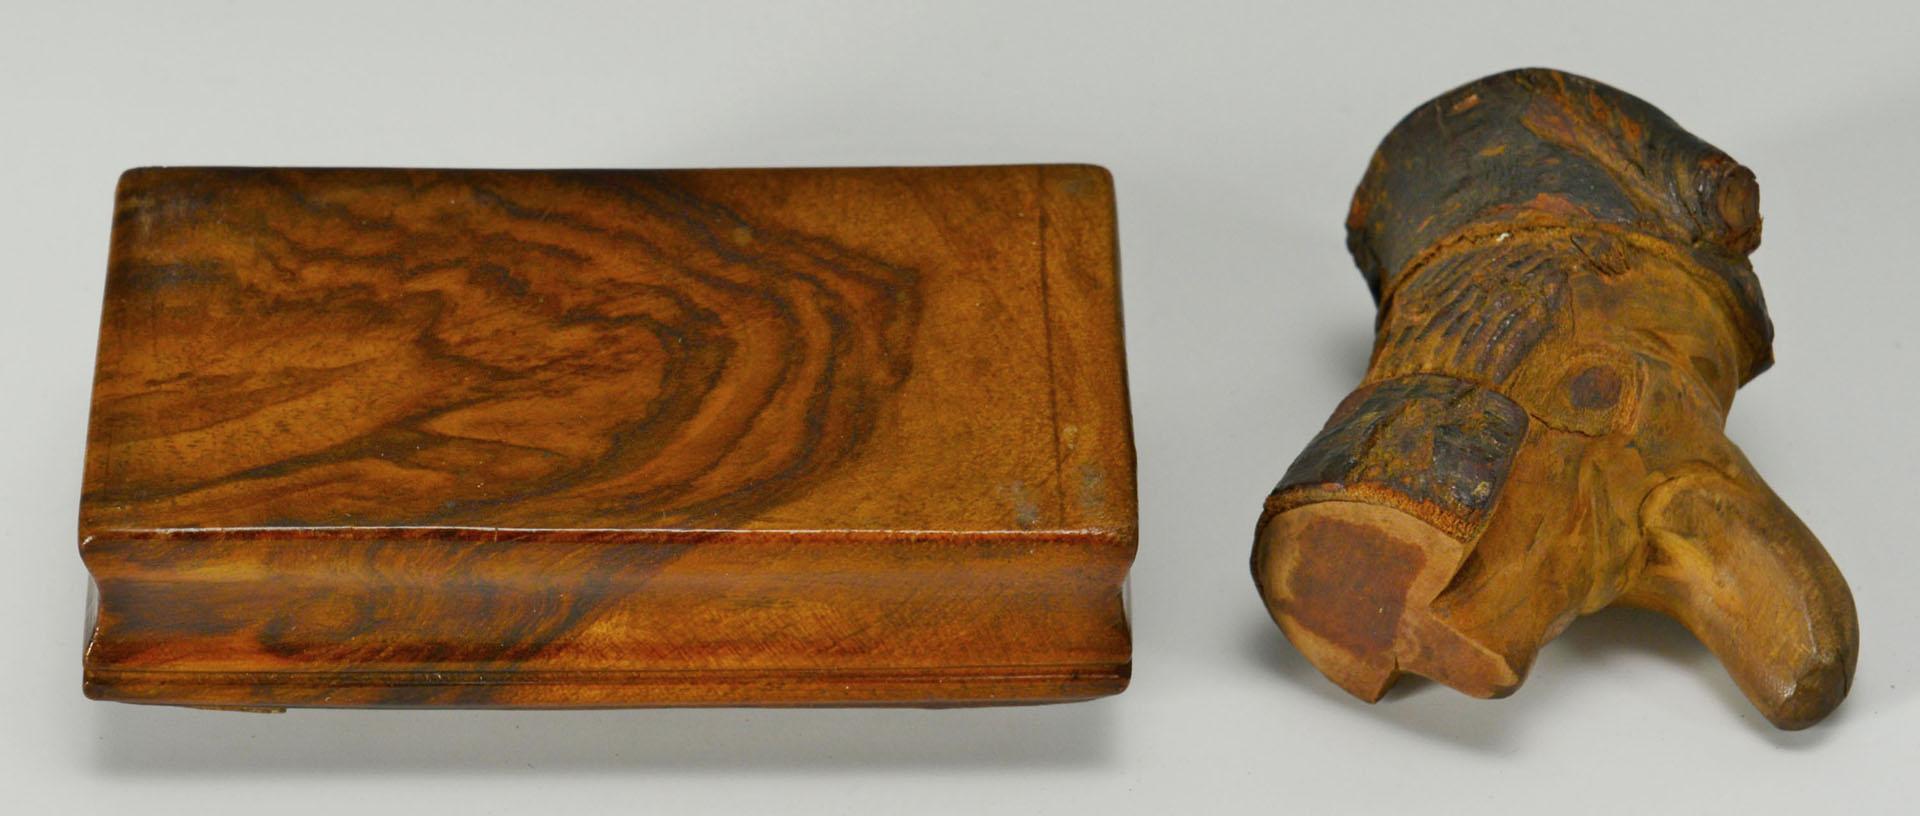 Lot 497: 3 Folk Art Carvings and a Civil War Fife (4 items)